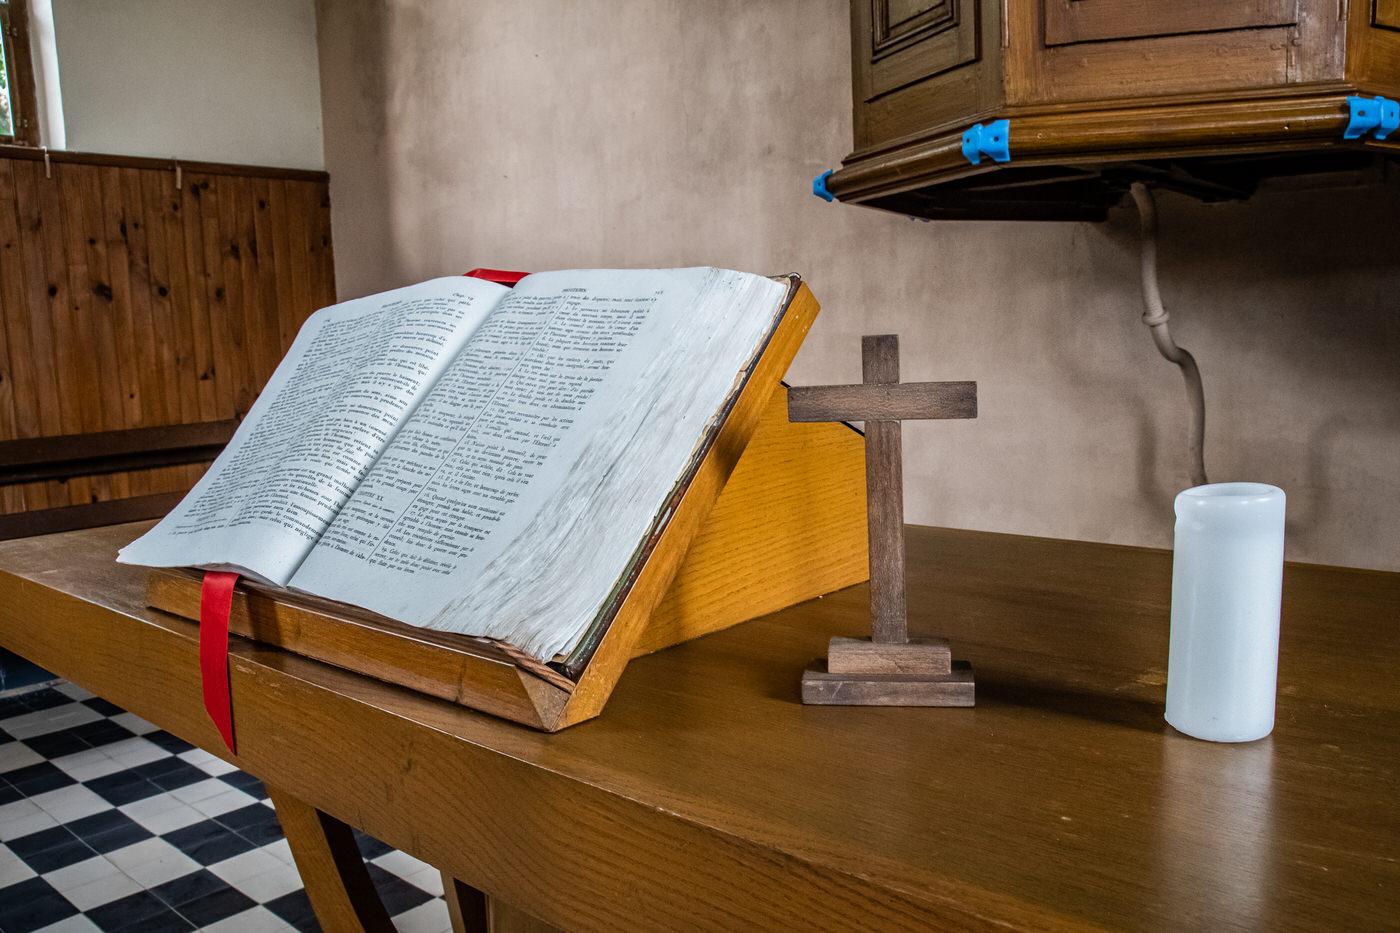 Scenographie au temple protestant de Parfondeval